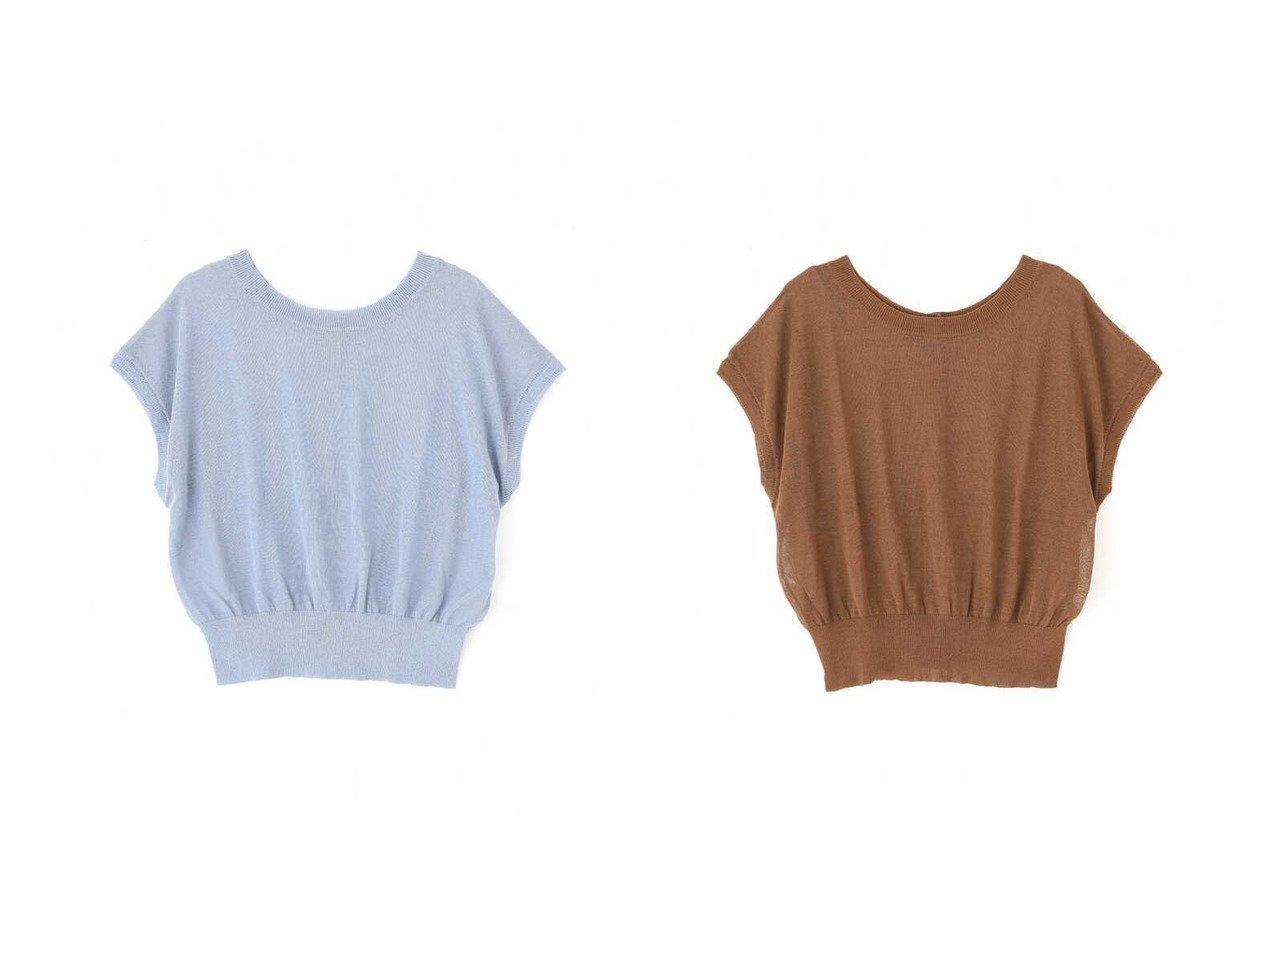 【FREE'S MART/フリーズマート】の前後2Wayシアーフレンチスリーブニット 【プチプライス・低価格】おすすめ!人気、トレンド・レディースファッションの通販 おすすめで人気の流行・トレンド、ファッションの通販商品 インテリア・家具・メンズファッション・キッズファッション・レディースファッション・服の通販 founy(ファニー) https://founy.com/ ファッション Fashion レディースファッション WOMEN トップス・カットソー Tops/Tshirt ニット Knit Tops スリーブ フレンチ |ID:crp329100000042669